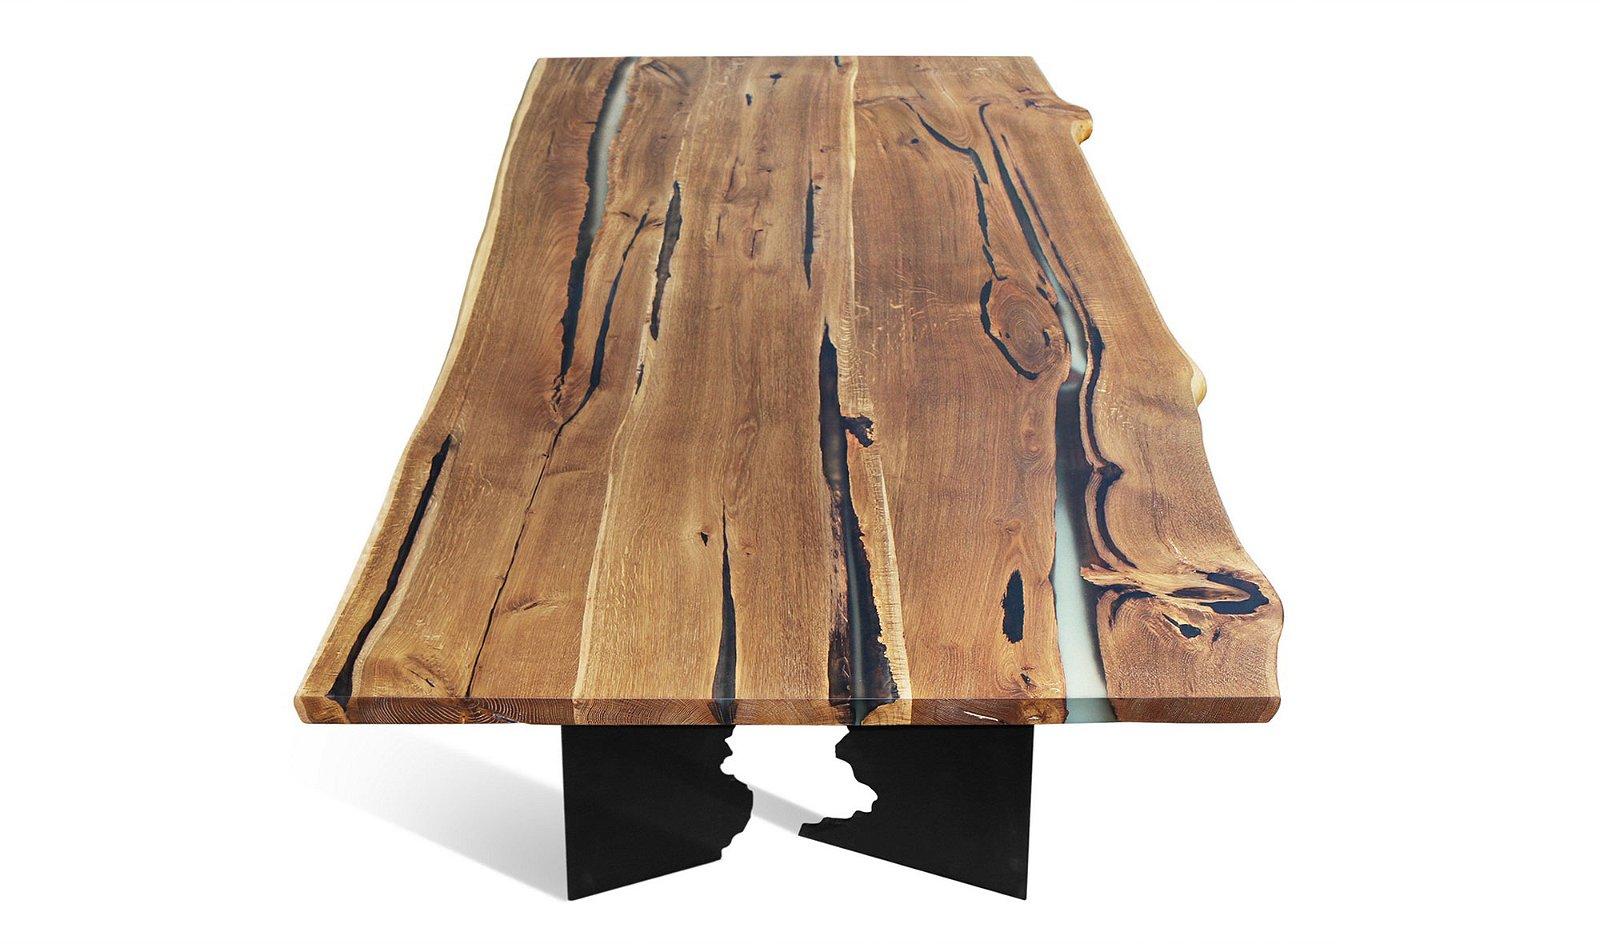 Mesa de comedor Roble natural Heorot